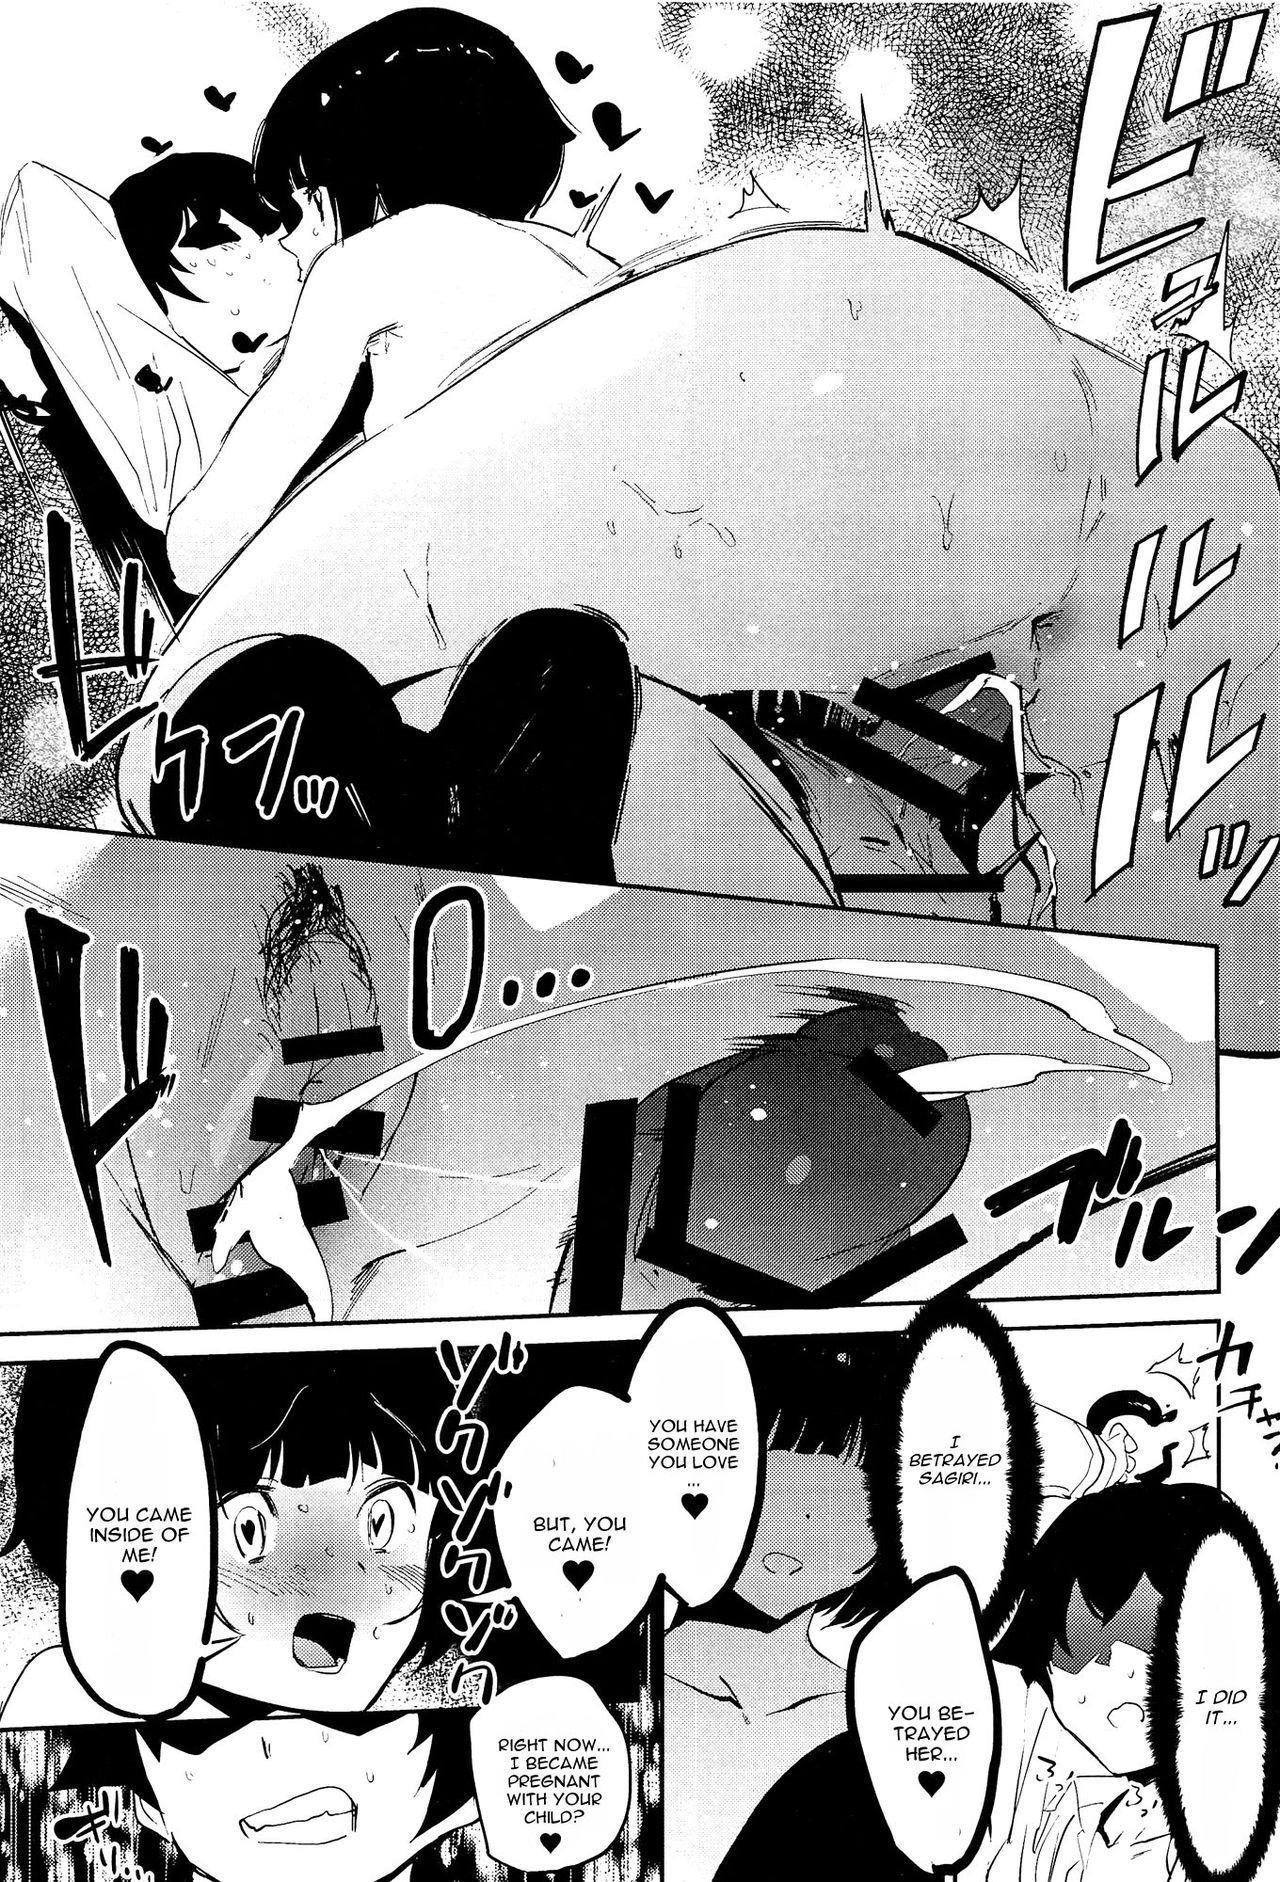 Muramasa-senpai no Suki ga Omoi 15